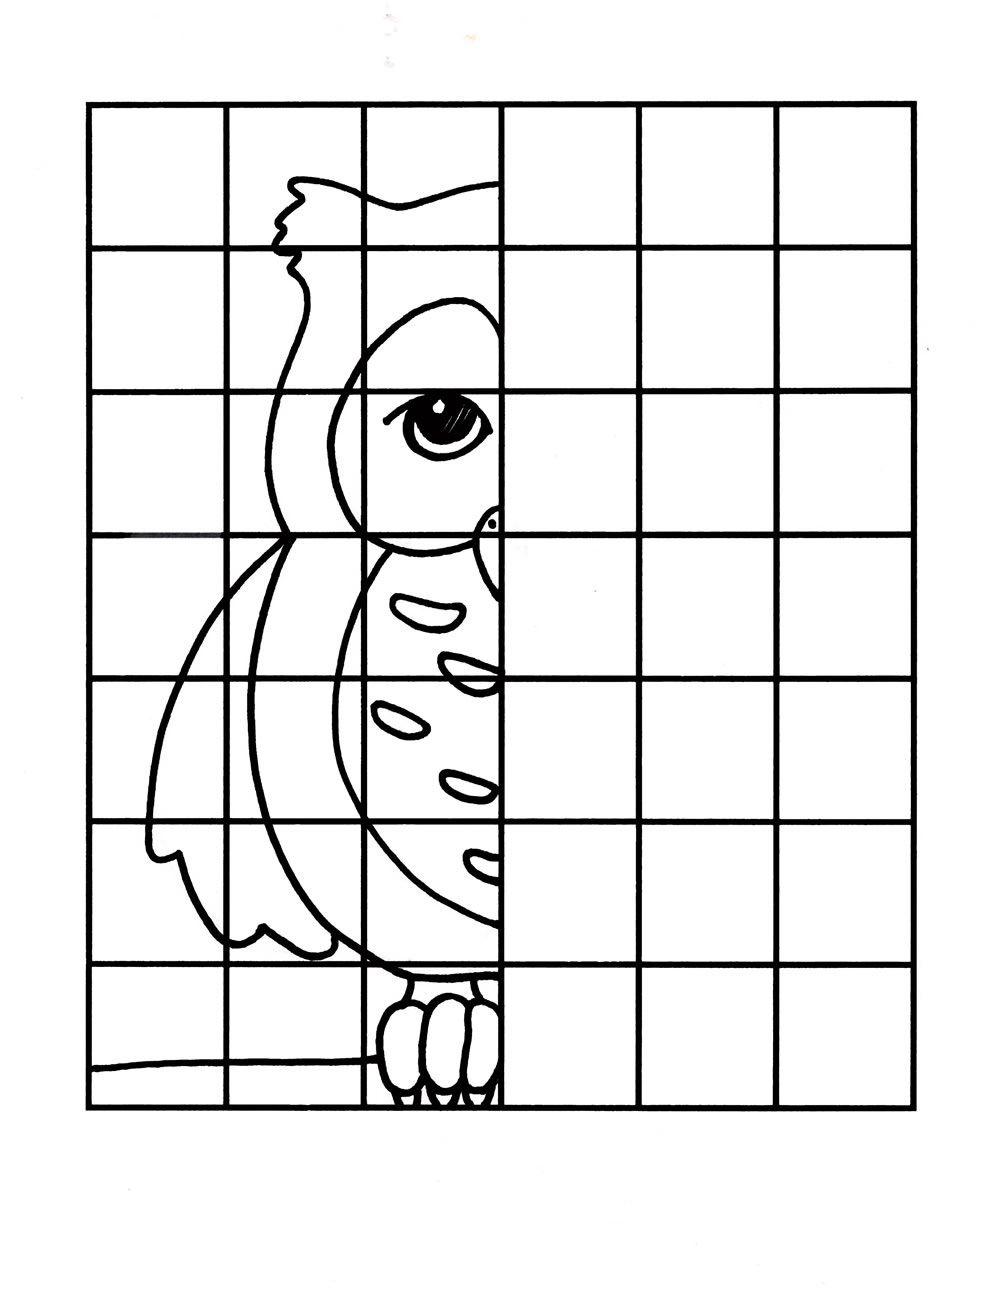 Workbooks symmetry worksheets for high school : simetri #sınıfetkinliği #okulöncesi #1sınıf #1sinif ...